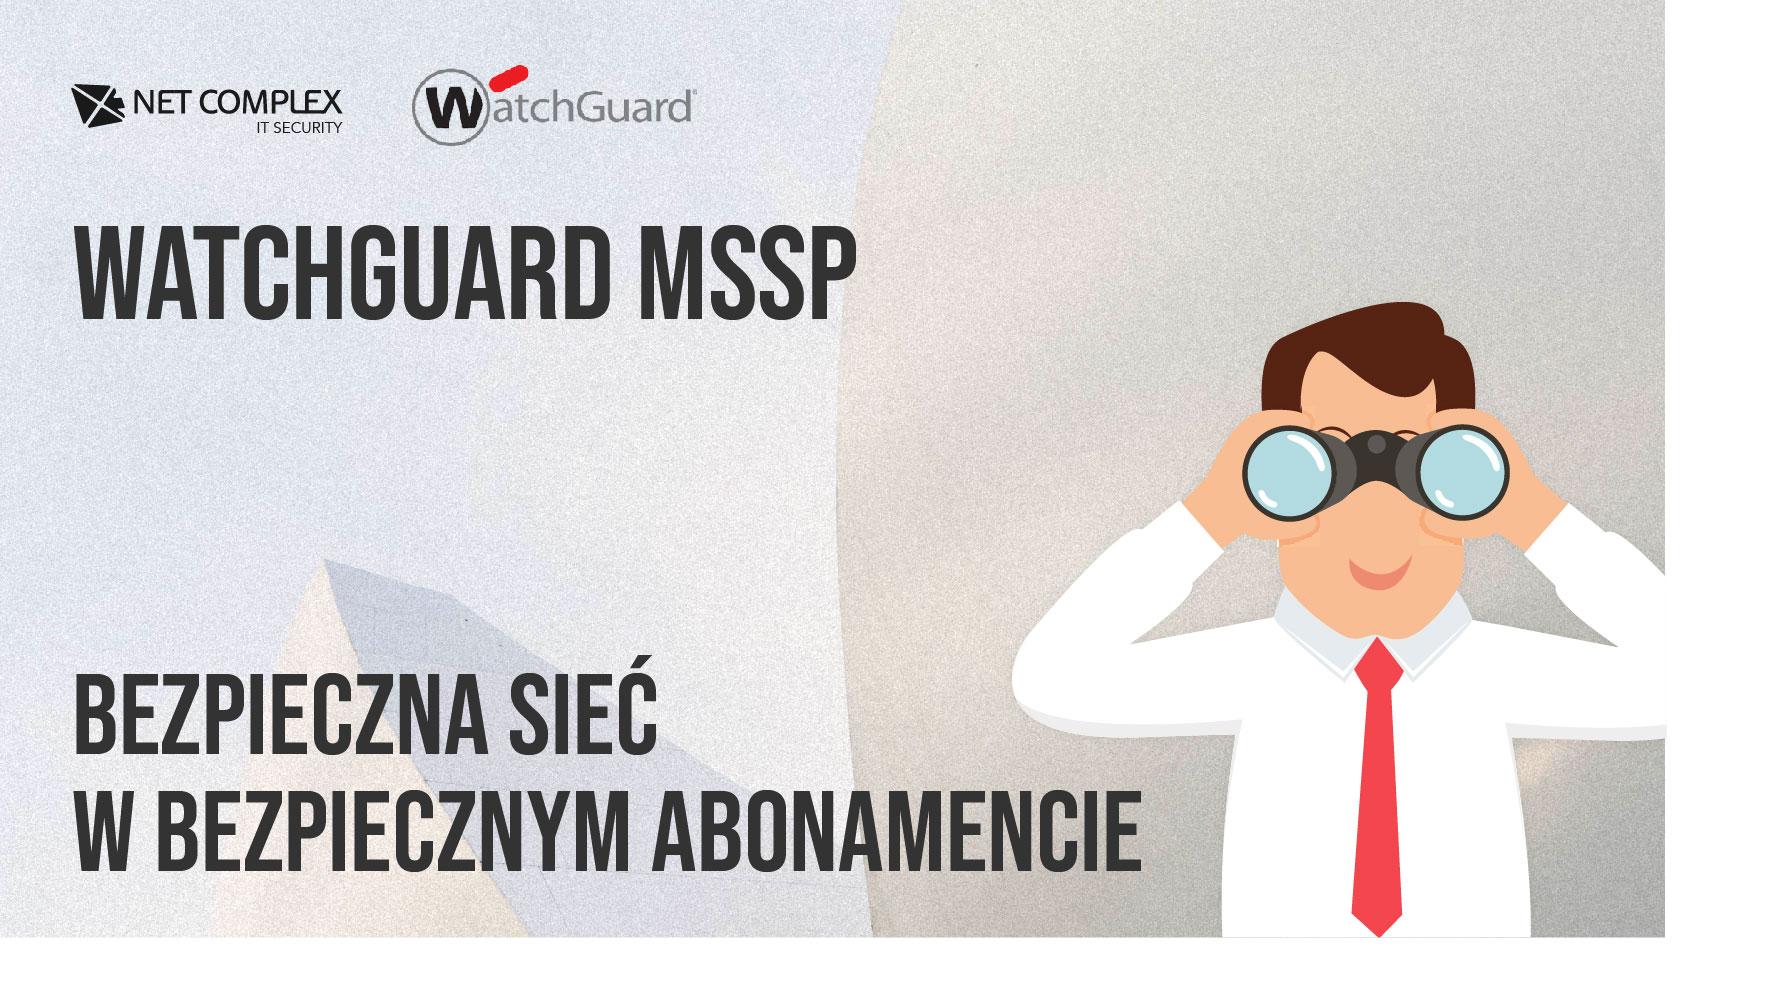 WatchGuard w miesięcznym abonamencie: Pozwól nam zadbać o Twoje bezpieczeństwo